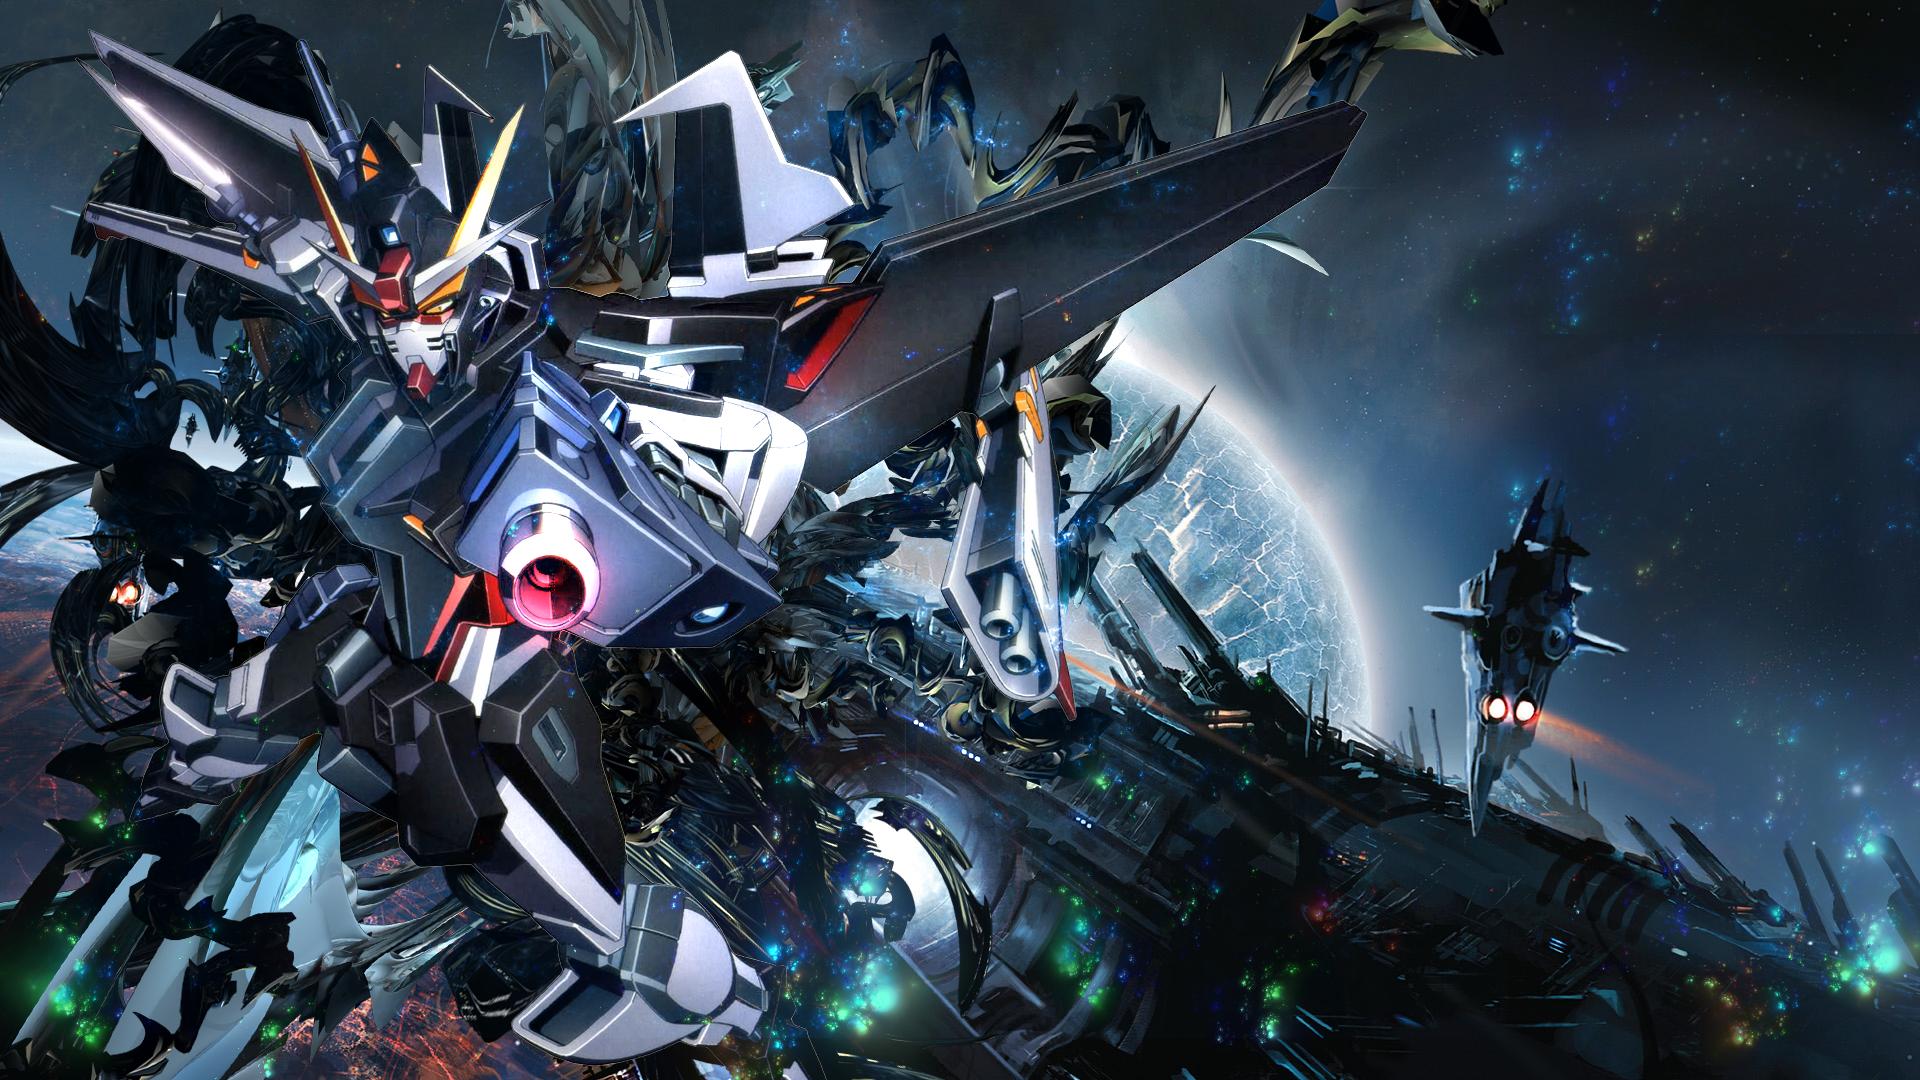 Gundam HD Wallpaper 1920x1080